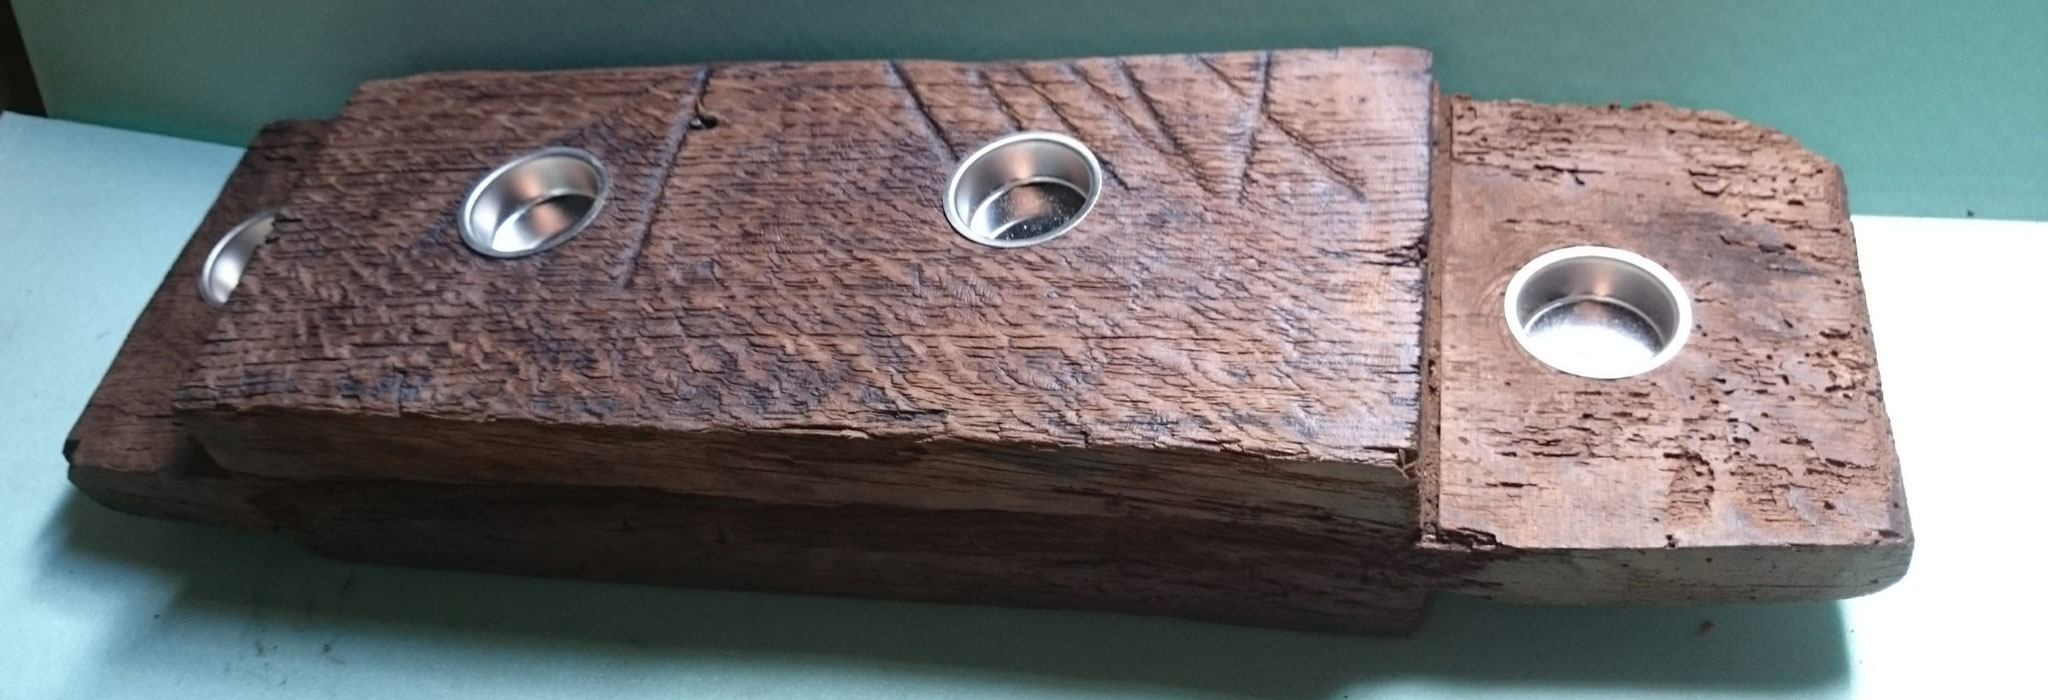 1a-handarbeit Eiche Handarbeit Teelichter Holz